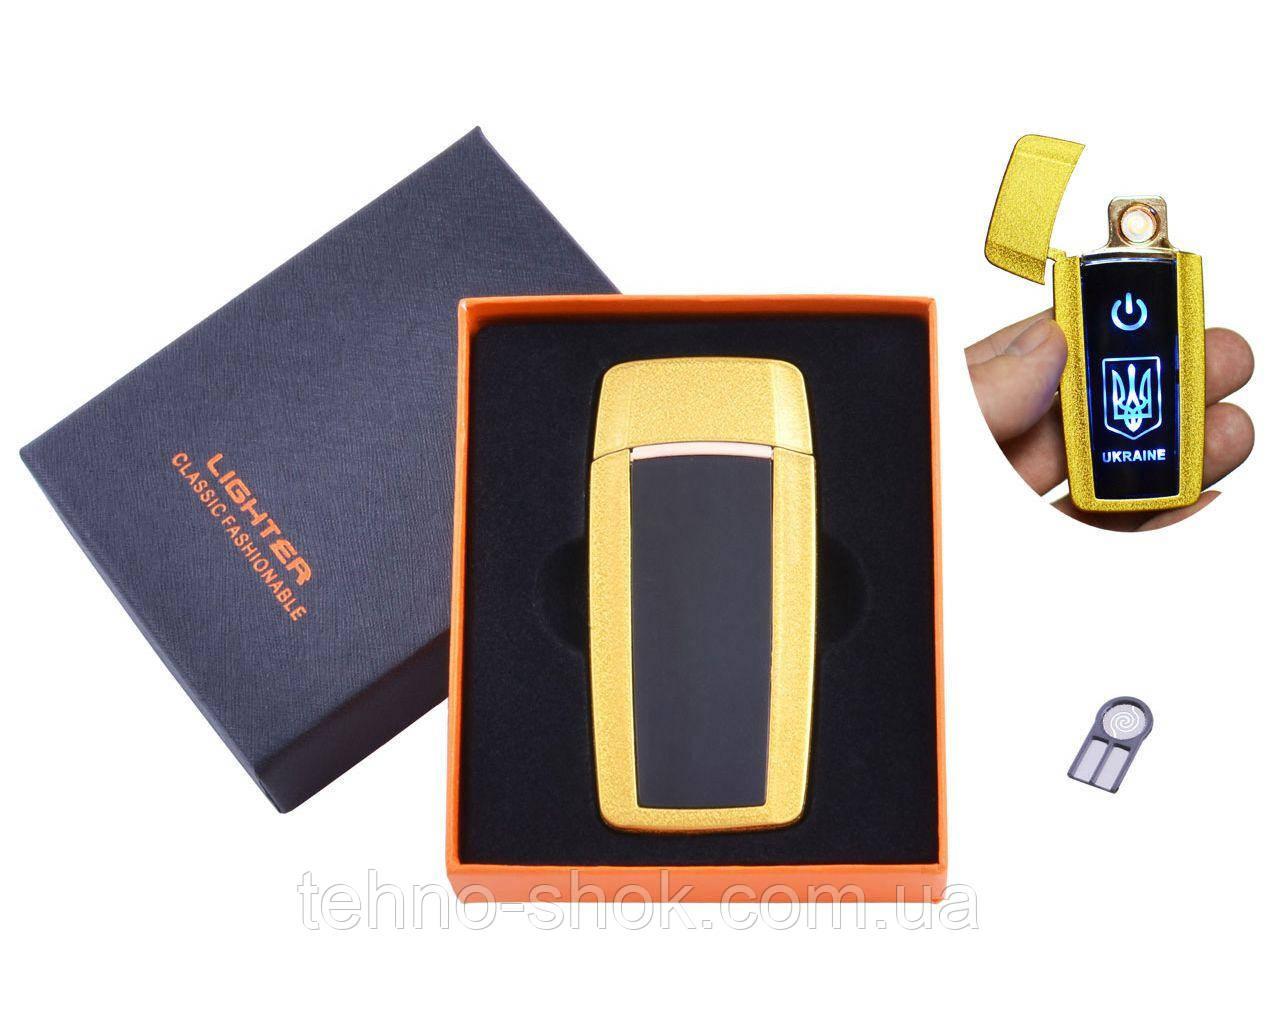 USB зажигалка в подарочной упаковке Украина (Спираль накаливания) HL-56 Gold